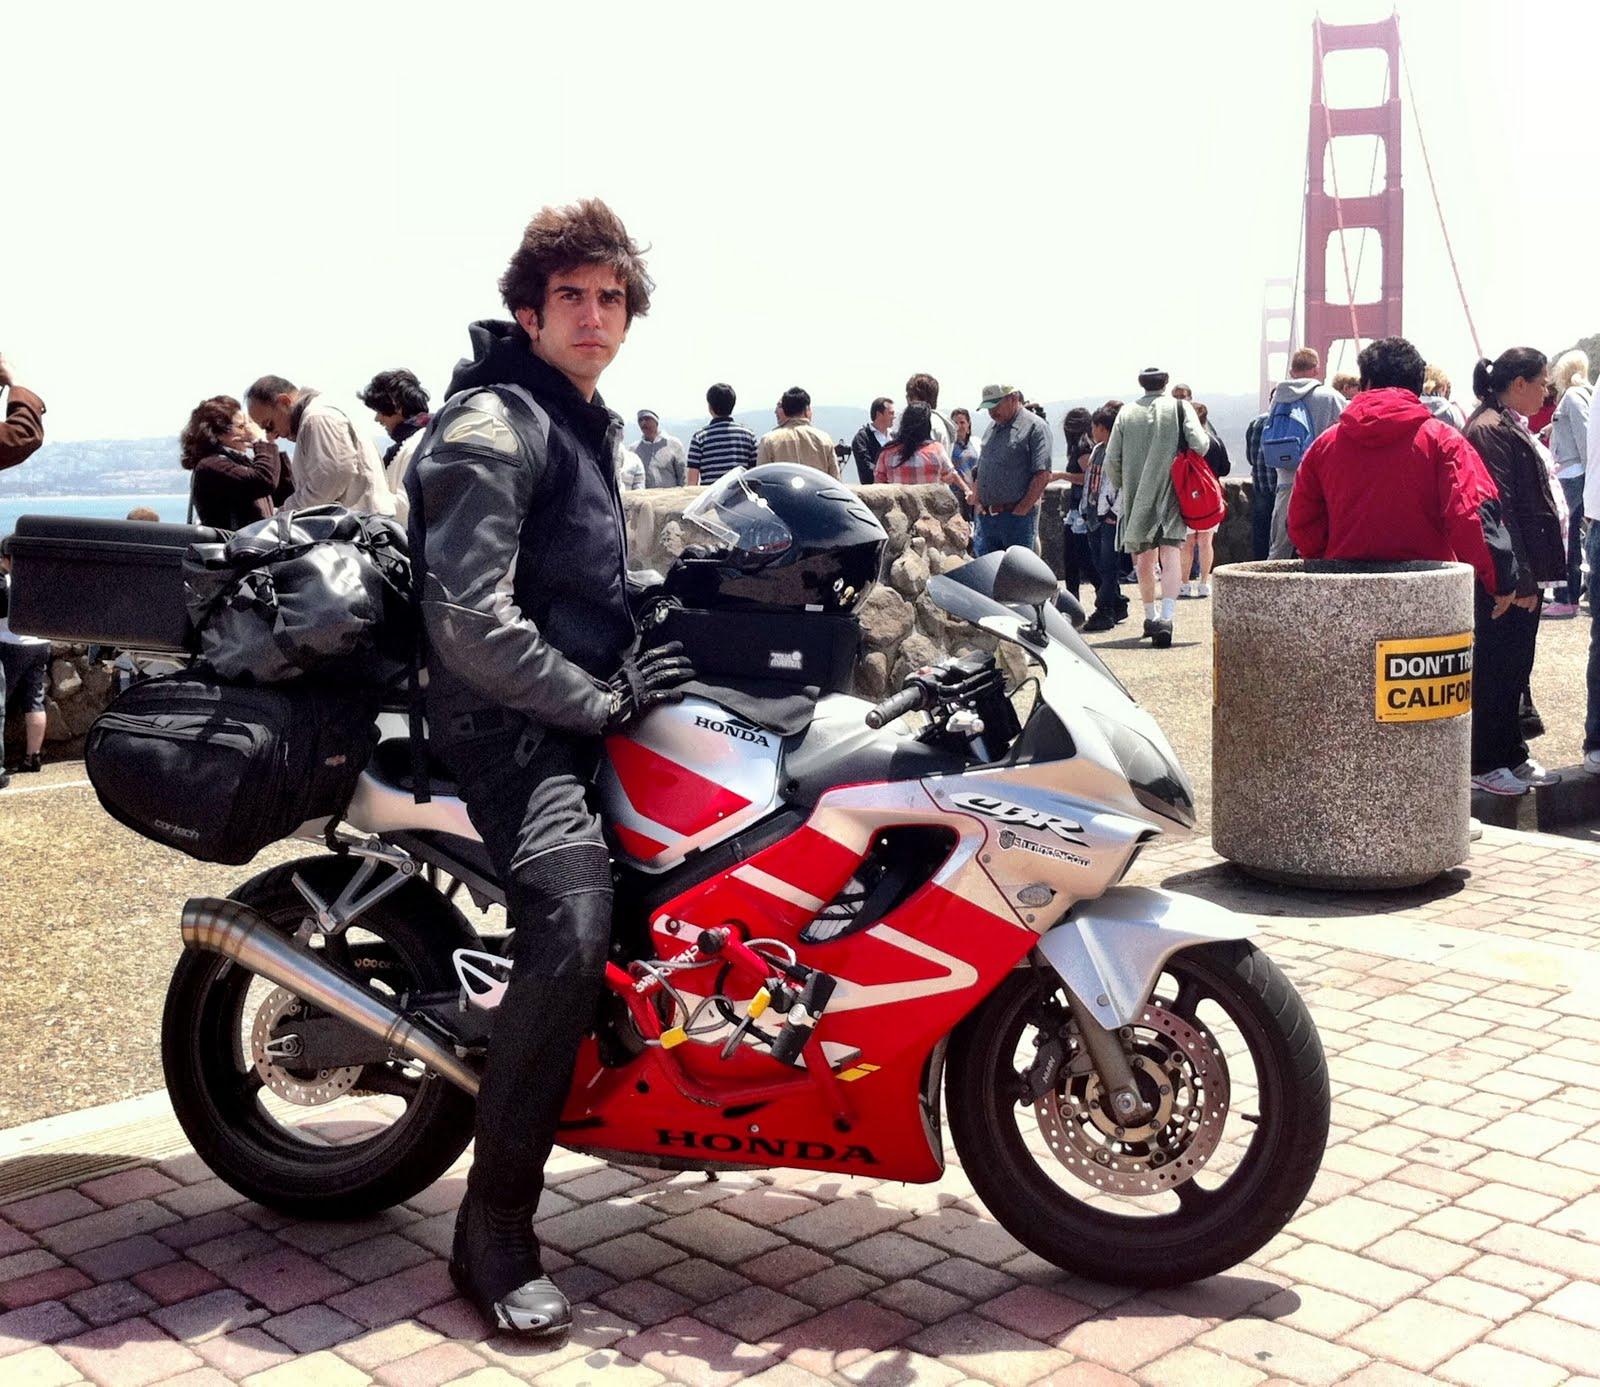 http://3.bp.blogspot.com/-YdqfSNBYws8/TkpaGXL8U-I/AAAAAAAAAh0/ZEBEUpuTucA/s1600/Moin_Golden_Gate.jpg